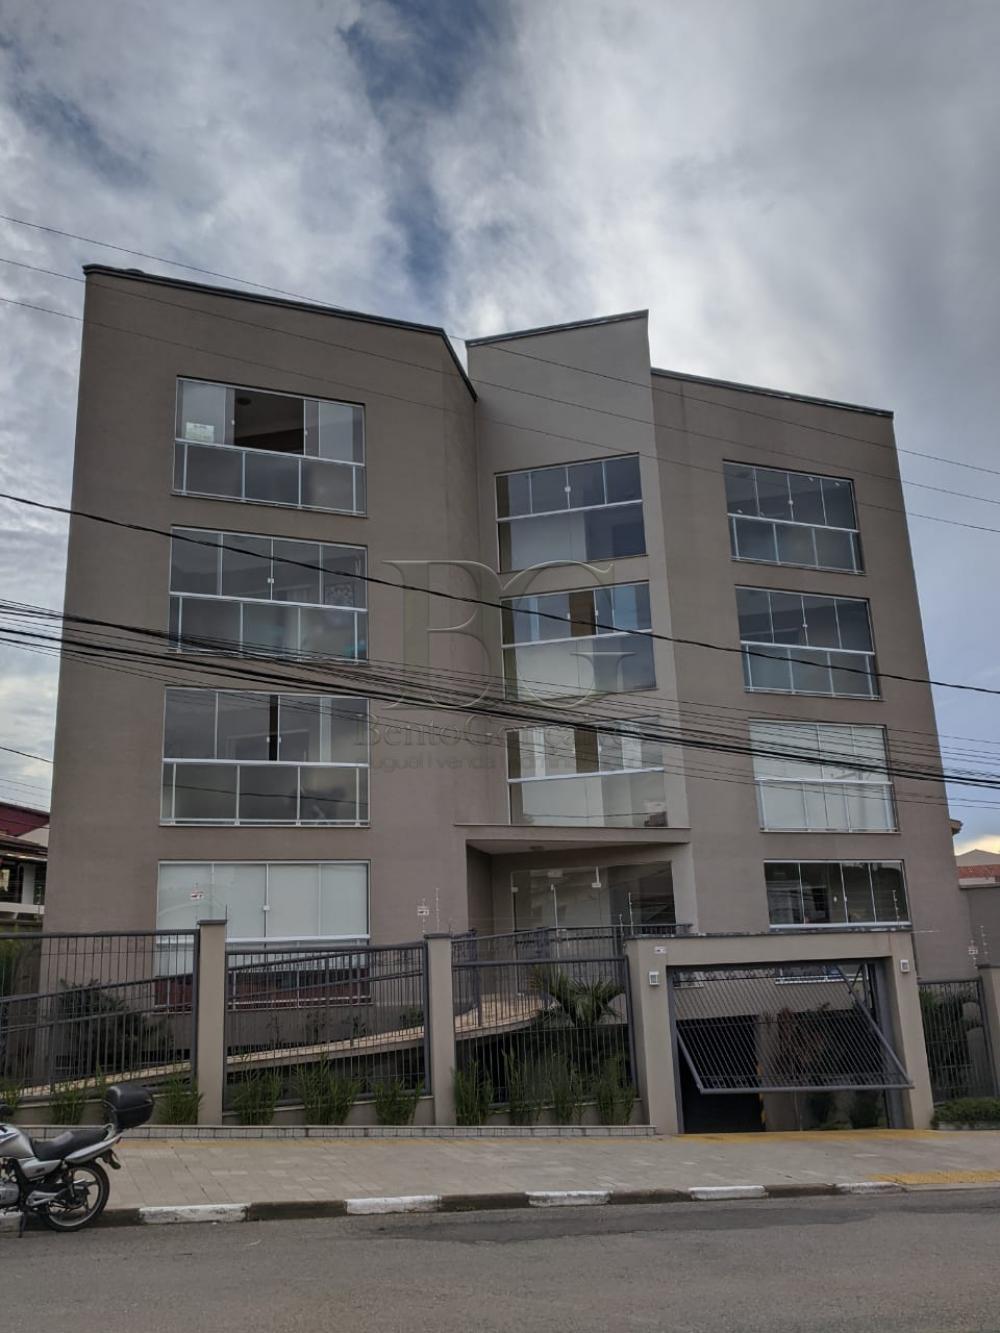 Comprar Apartamentos / Padrão em Poços de Caldas apenas R$ 670.000,00 - Foto 1